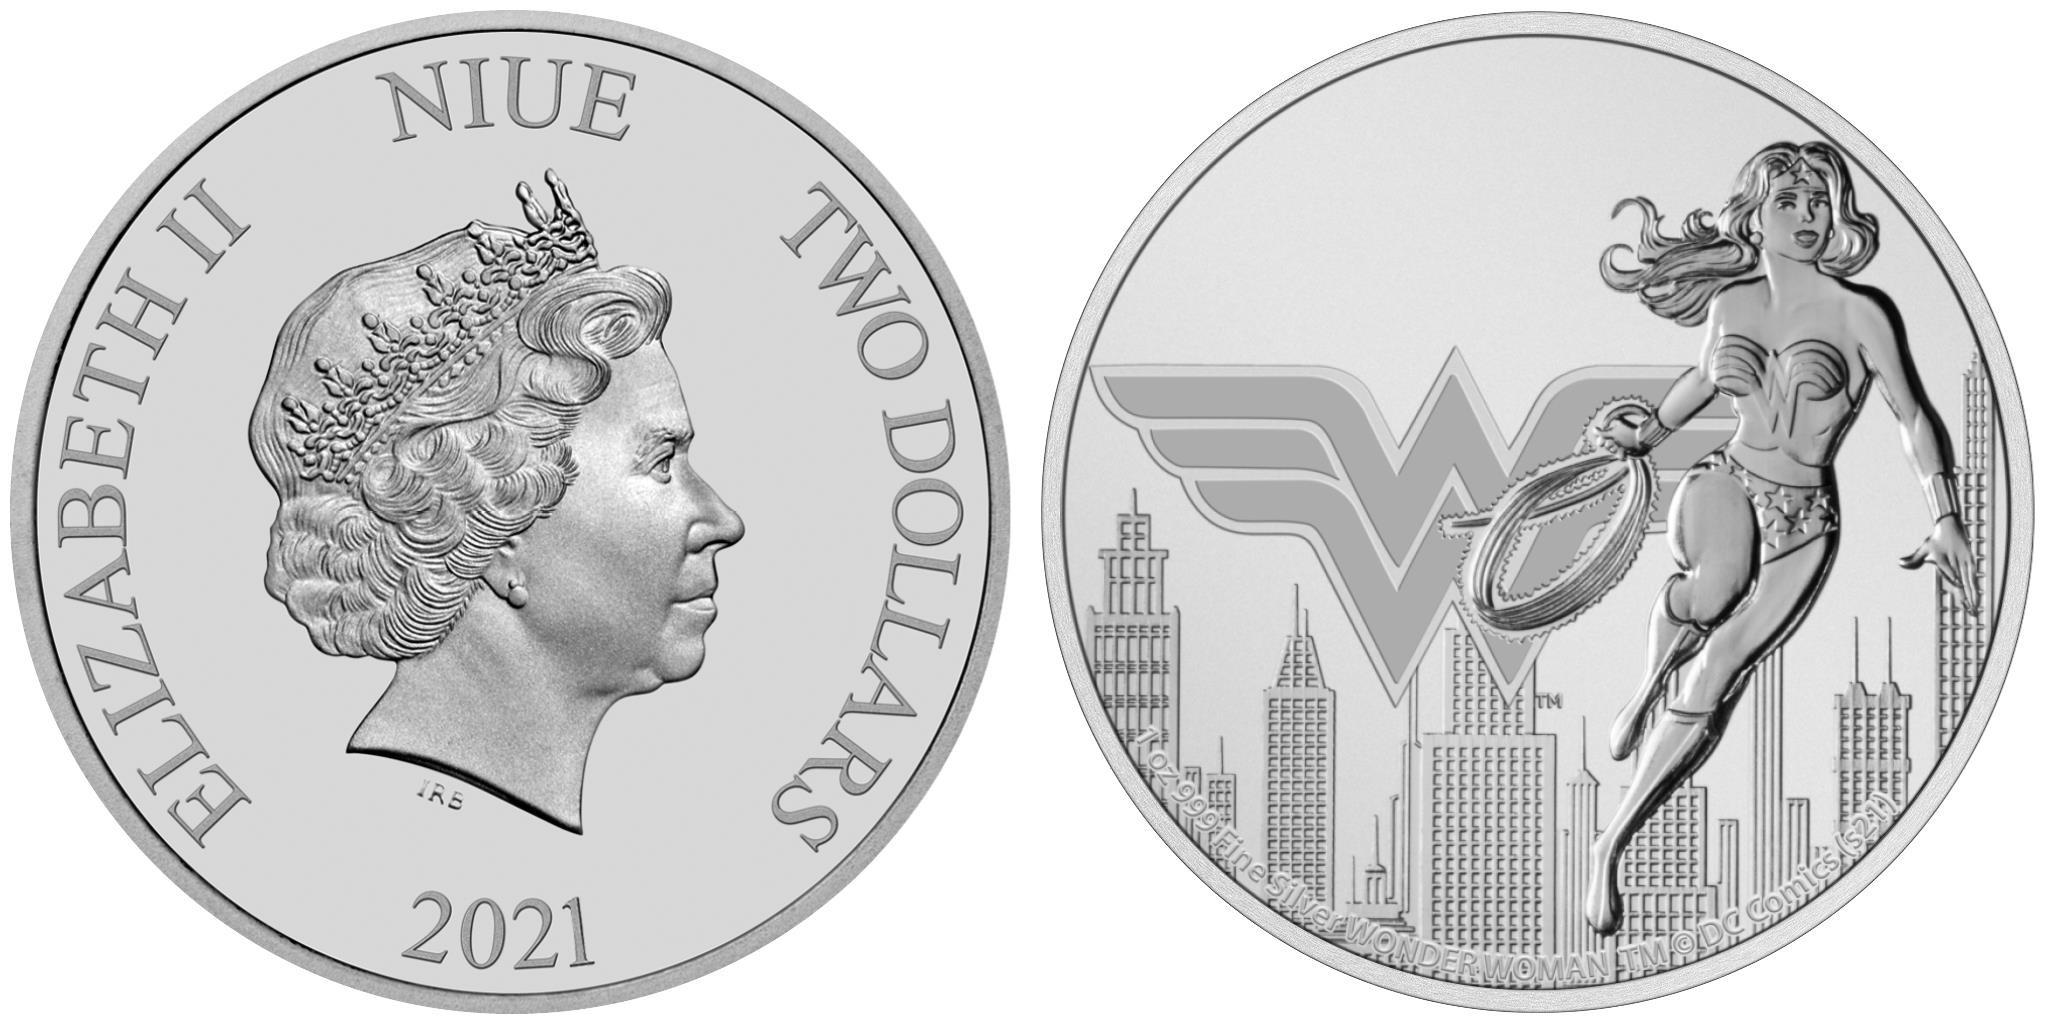 niue-2021-wonder-woman